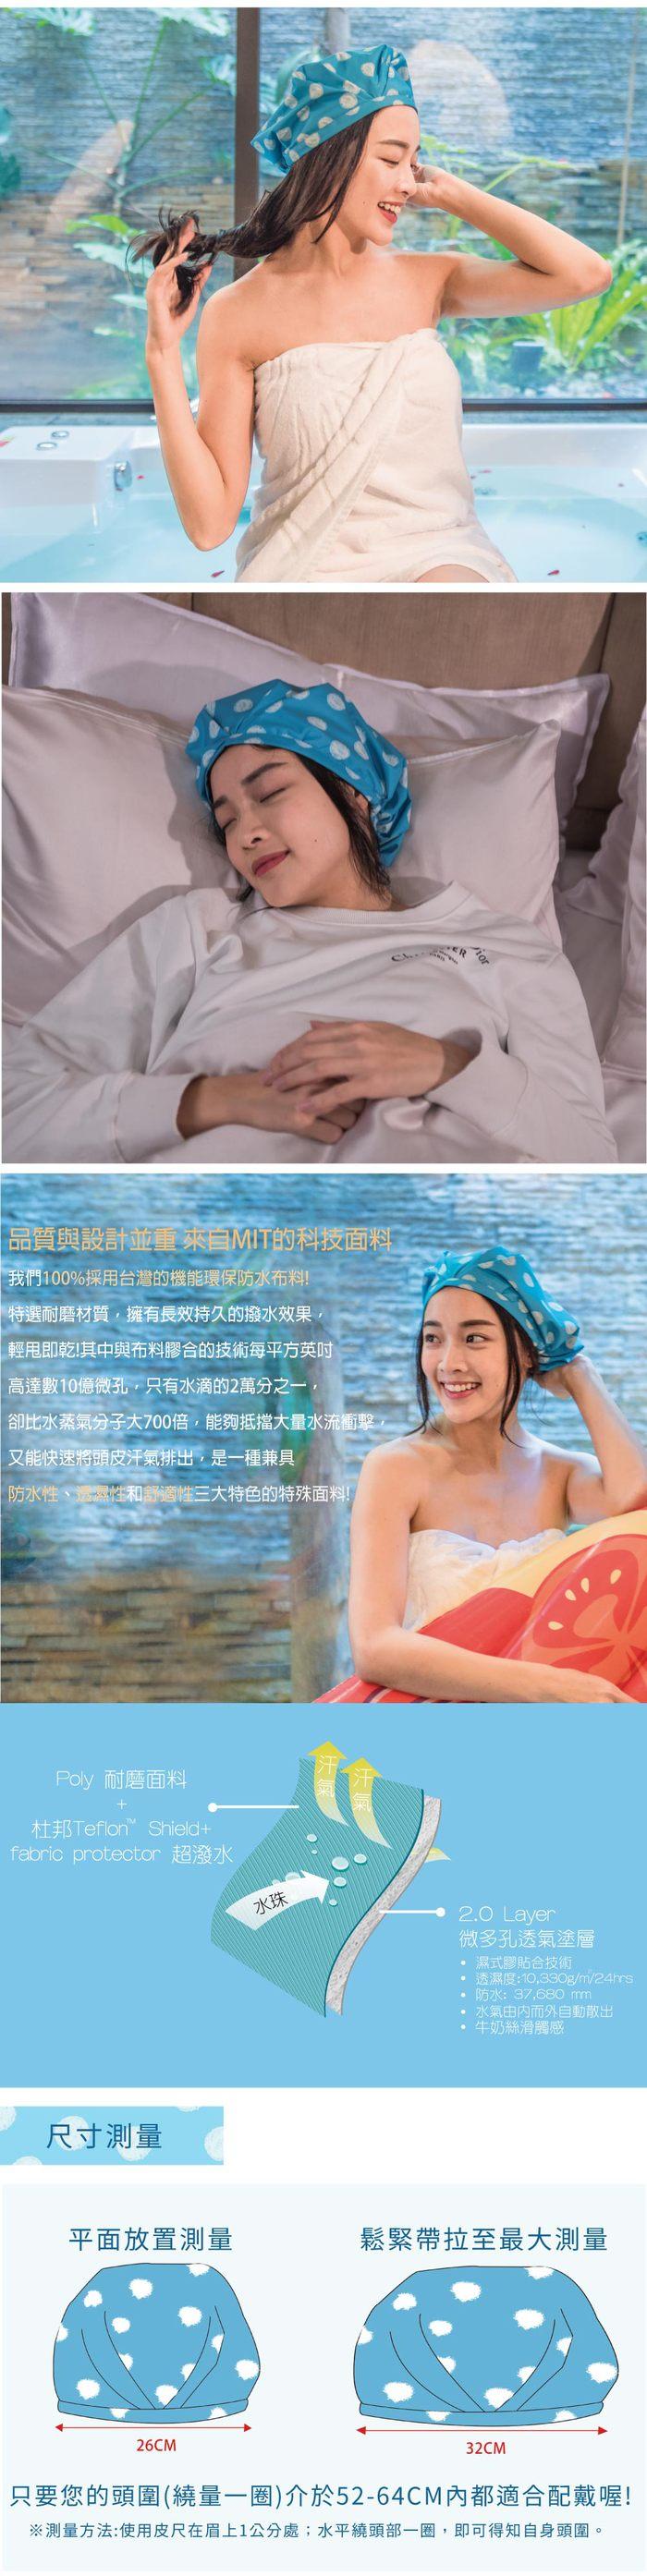 (複製)MORR|Fisherman晴雨兩用收納帽(花紗藍)